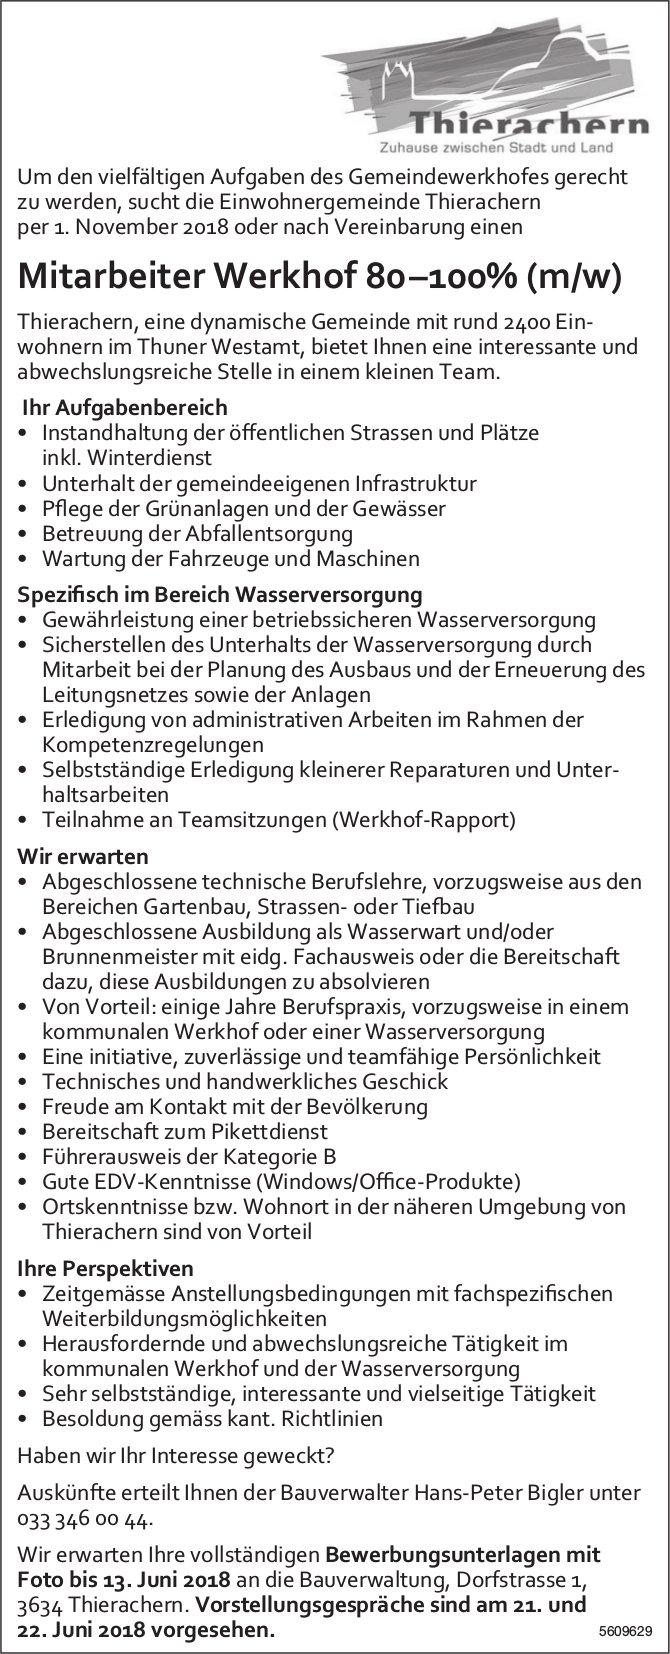 Mitarbeiter/in Werkhof, Gemeinde Thierachern, gesucht